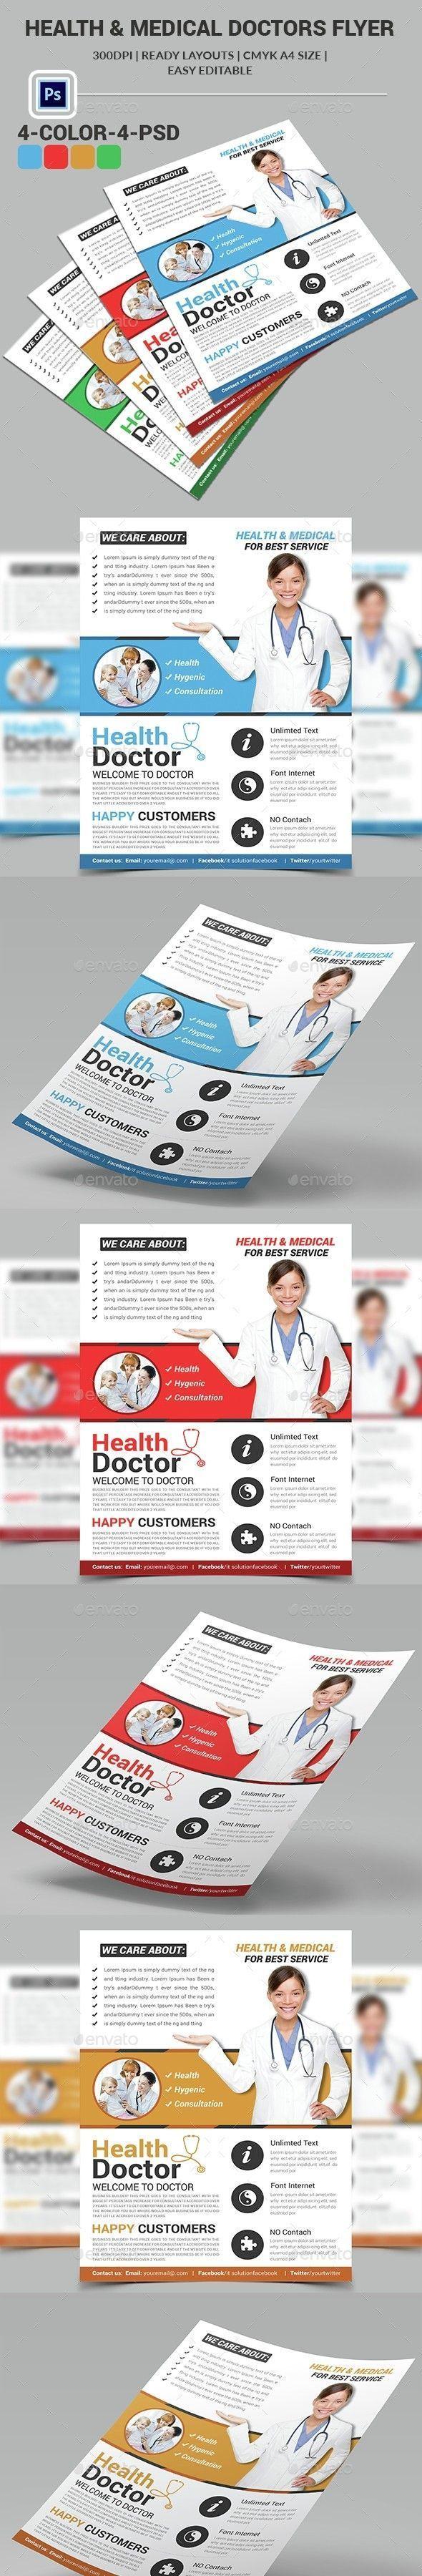 Anzeige Anzeige Werbung Krankenwagen Geschaft Pflege Sauber